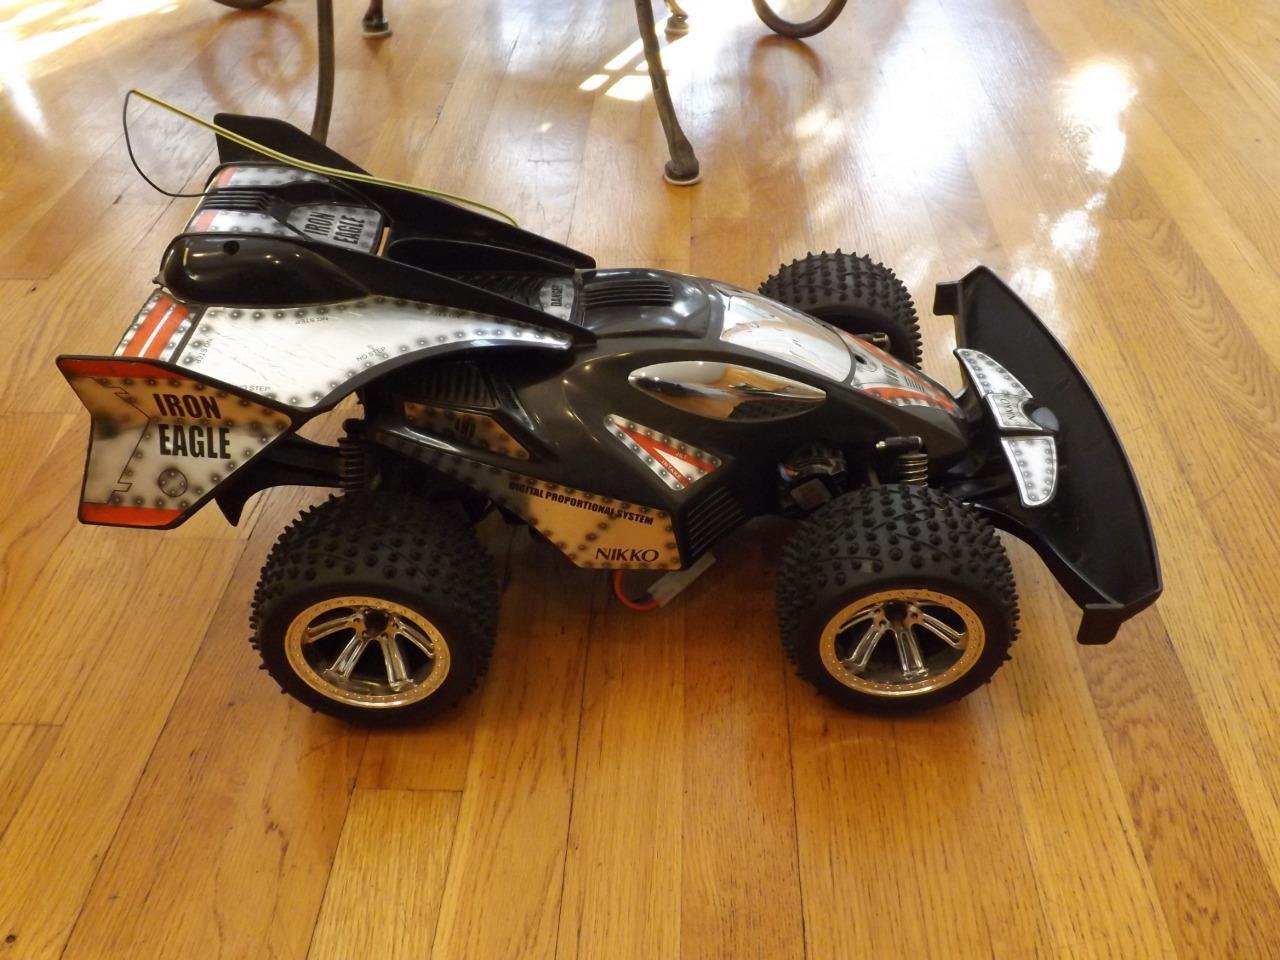 Nikko Iron Eagle 1 10 Scale Remote Control Car 4WD 7.2V Twin Motors